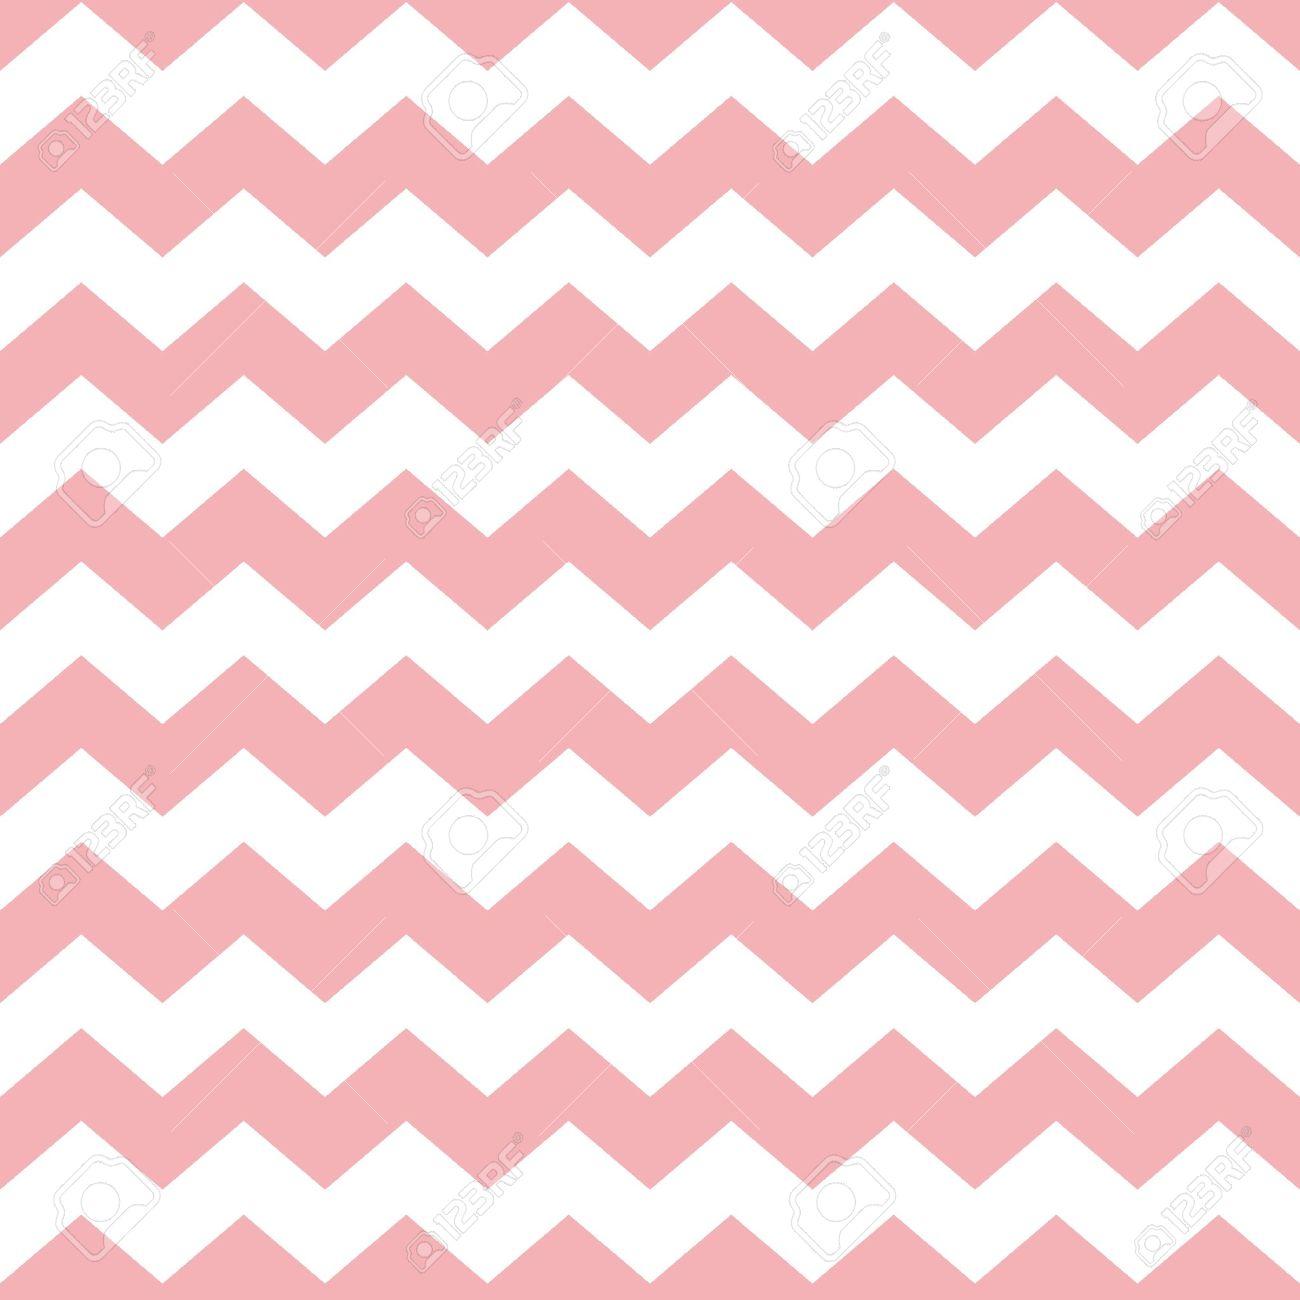 Tile Pastell Vektor-Muster Mit Weißen Und Rosa Zickzack-Hintergrund ...